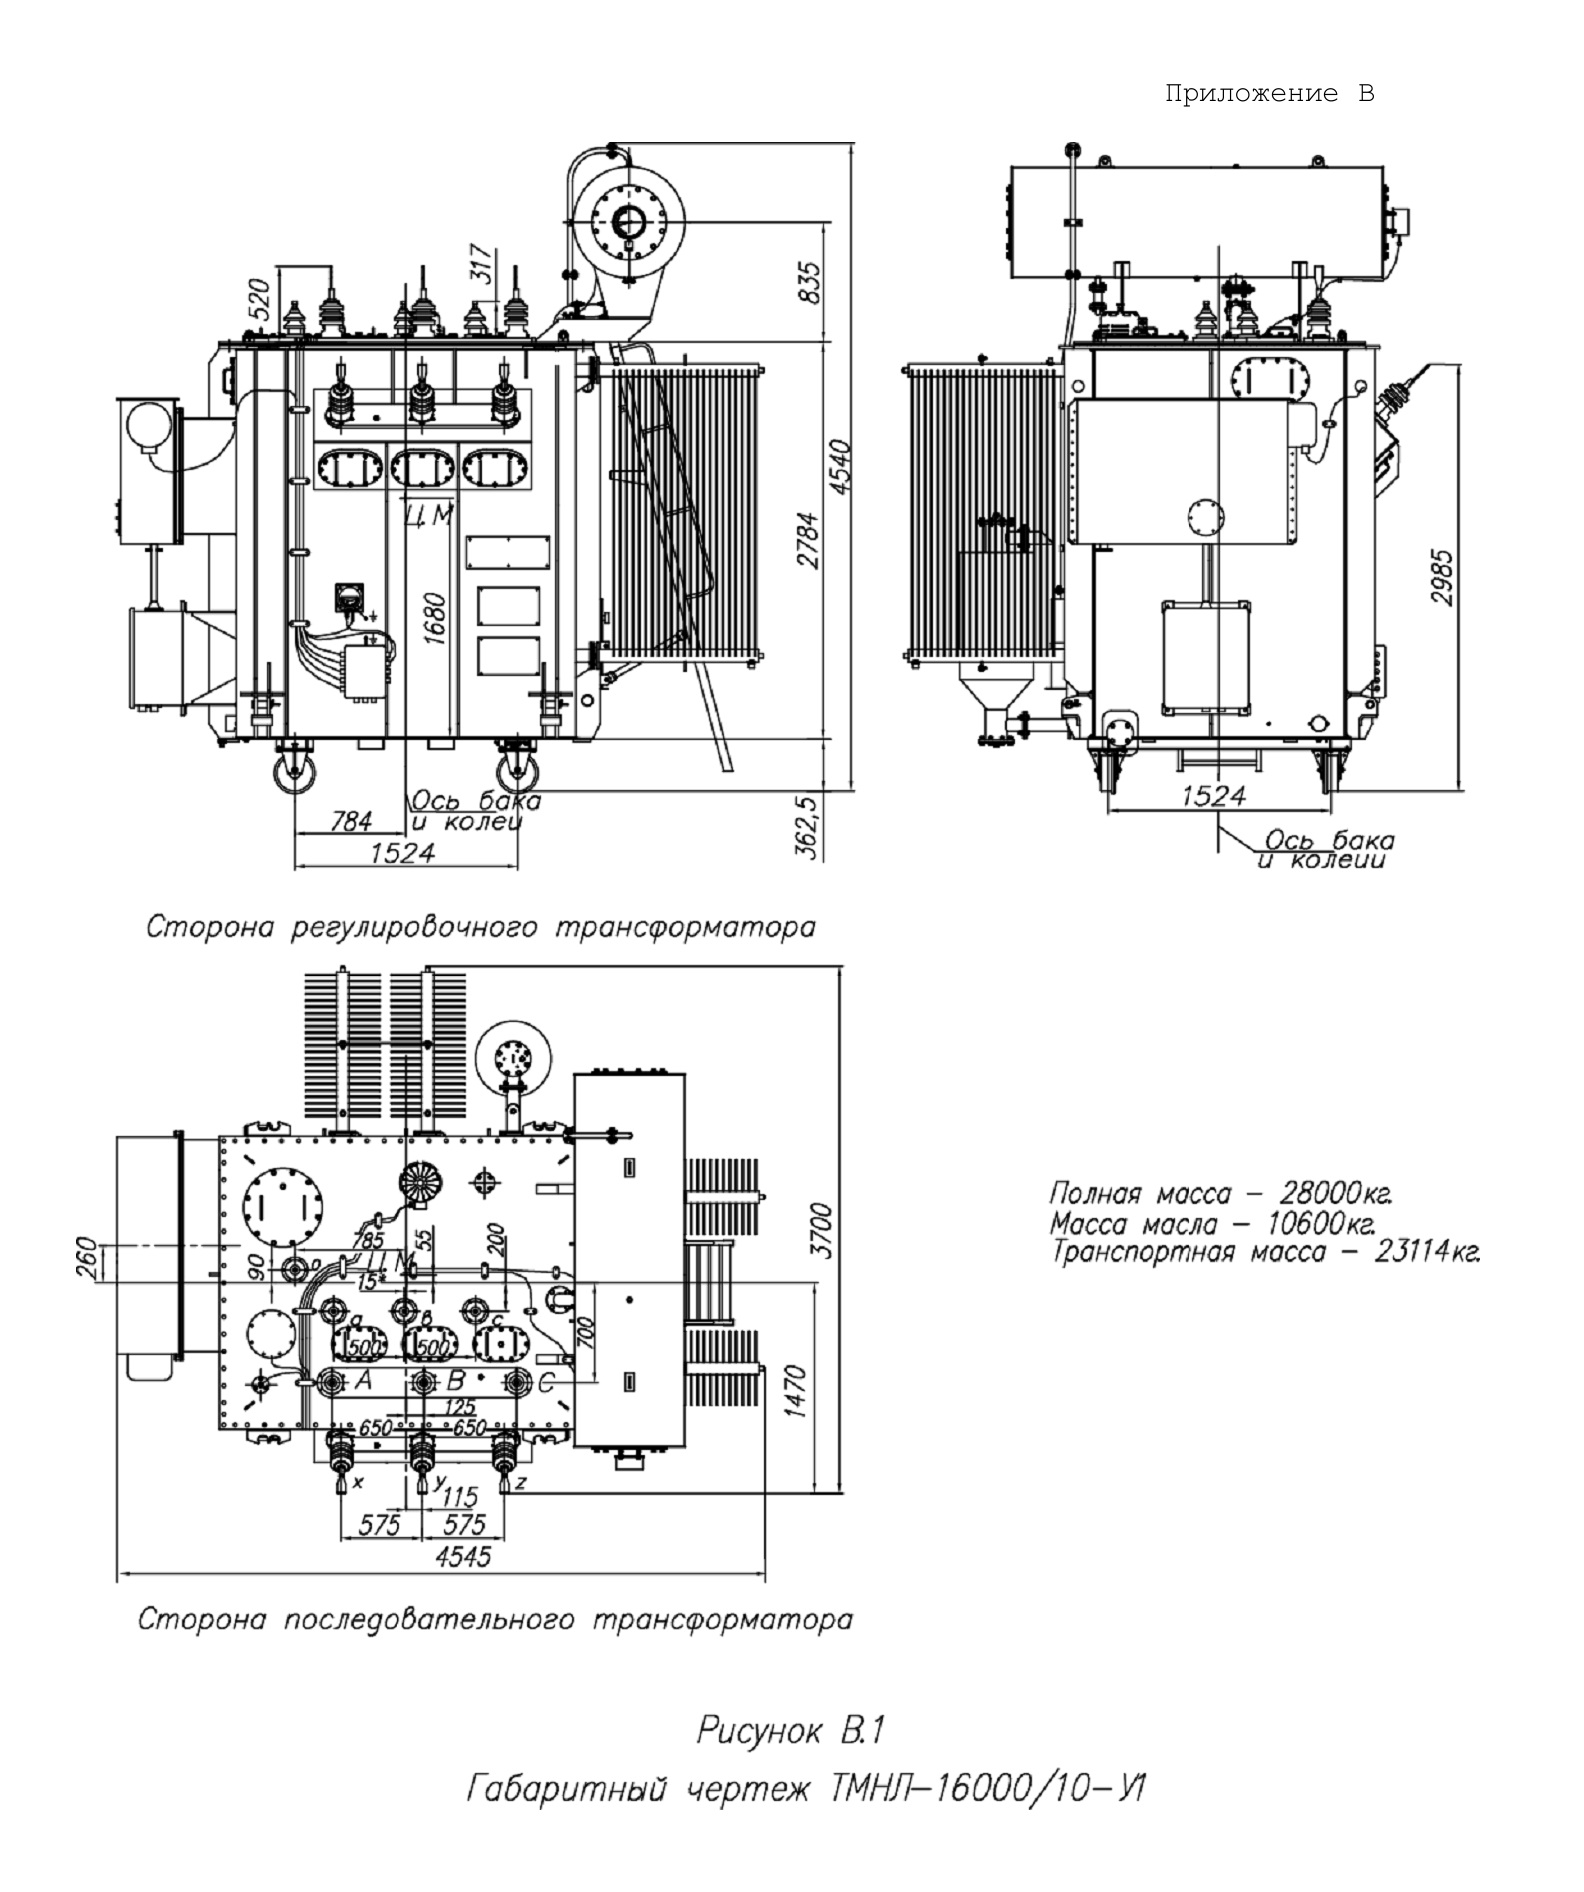 Трансформаторные агрегаты регулировочные линейные масляные для регулирования под нагрузкой напряжения сети